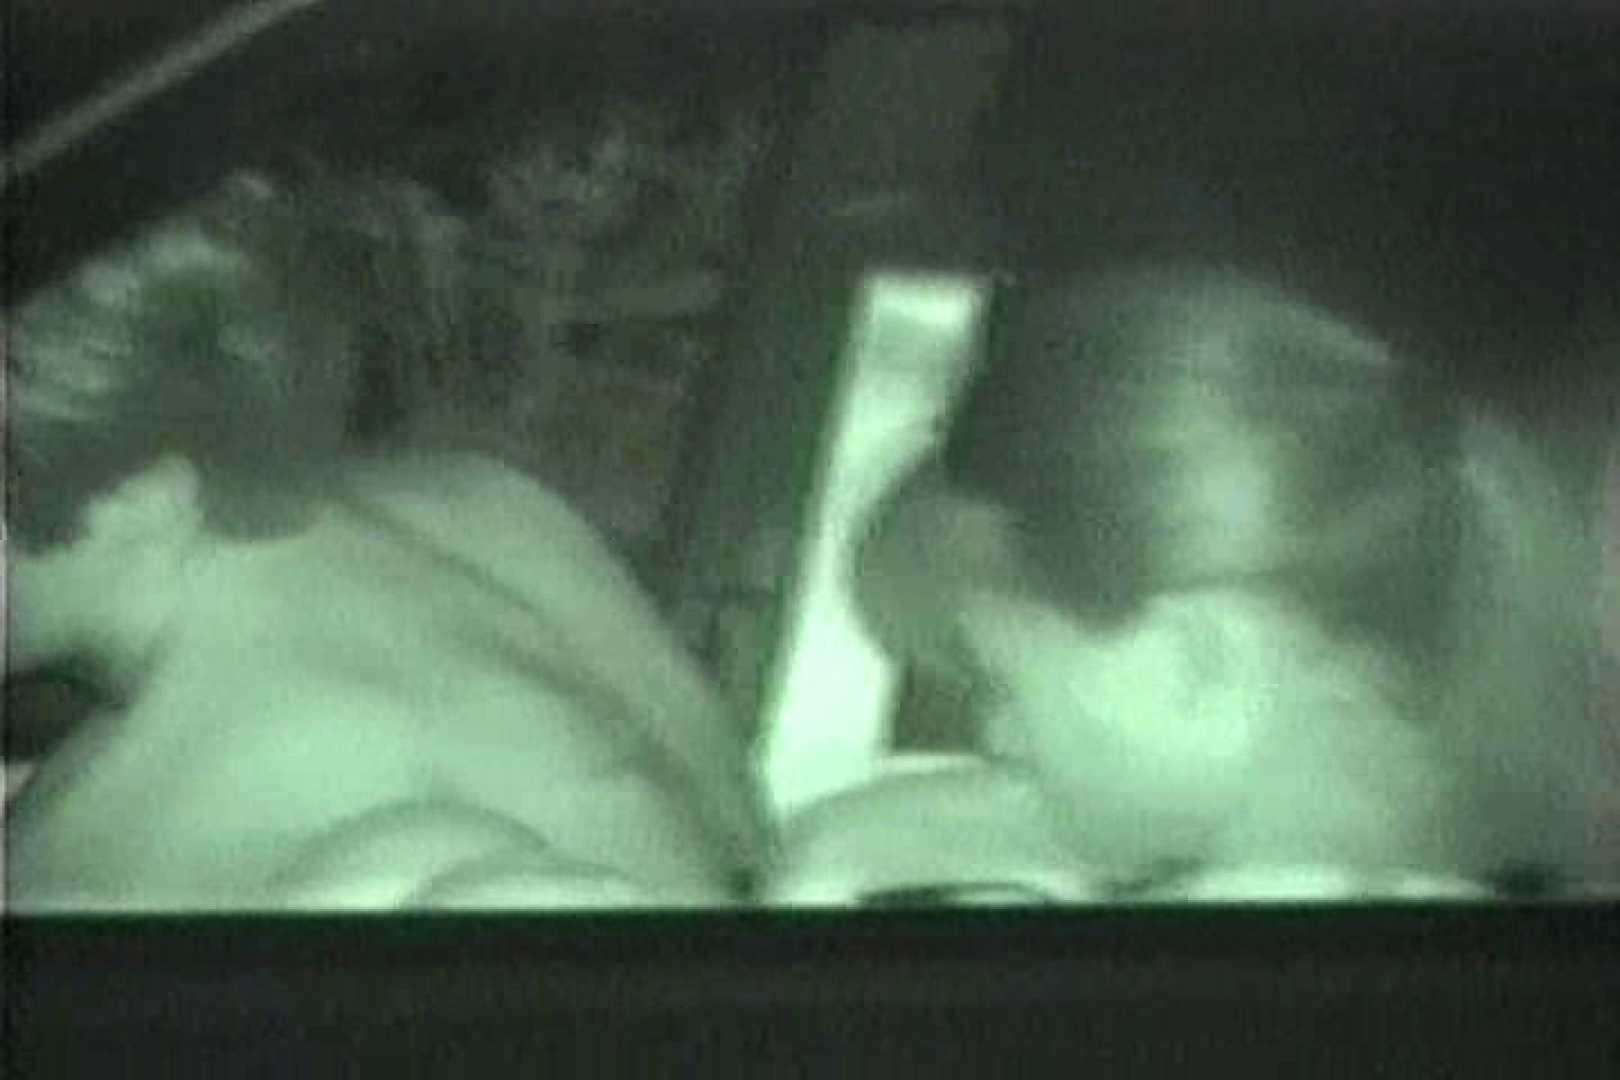 車の中はラブホテル 無修正版  Vol.9 ラブホテル 性交動画流出 88連発 49